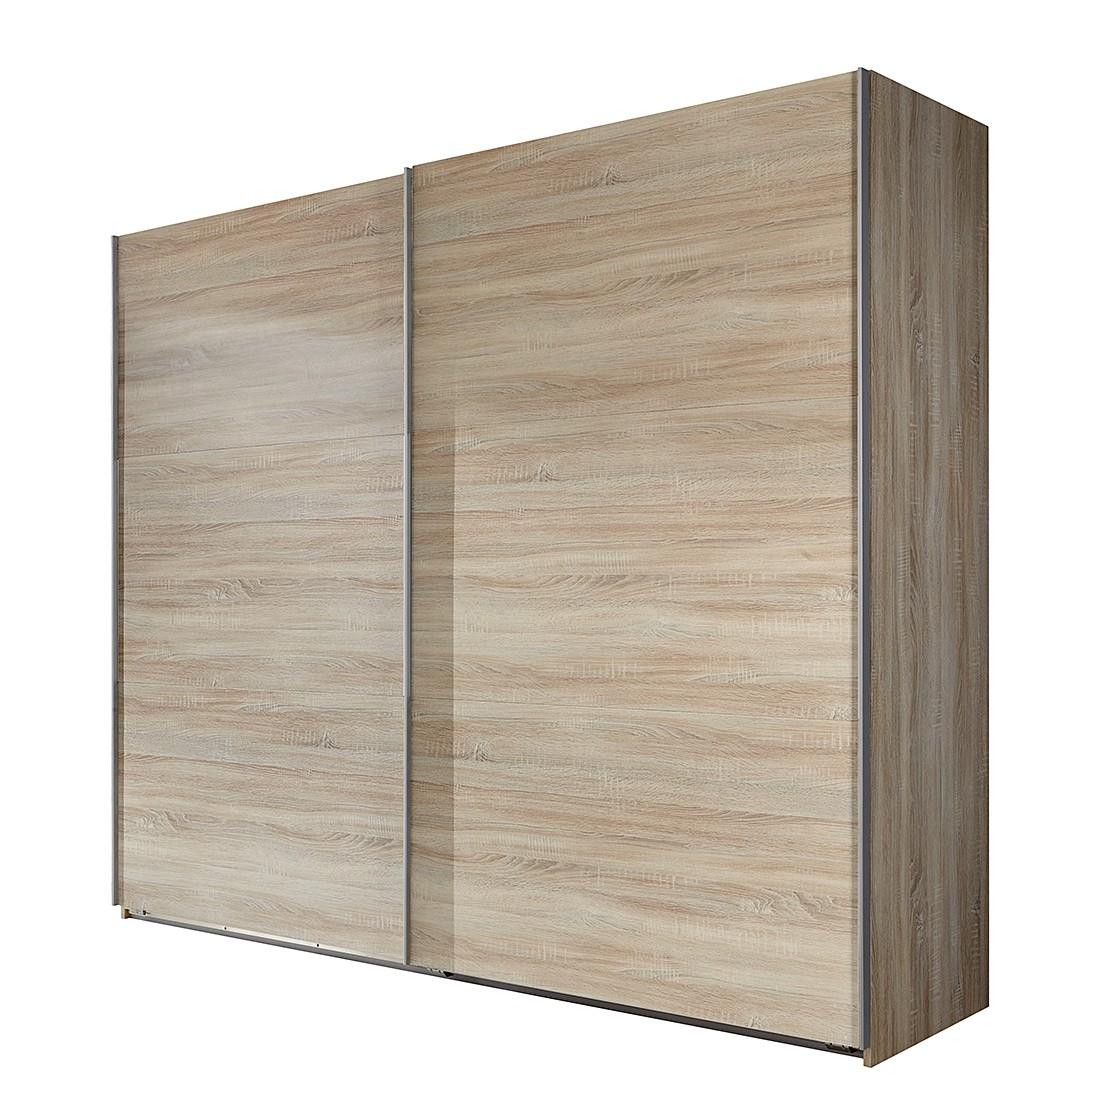 goedkoop Schuifdeurkast Medley grof gezaagde eikenhout look BxH 225x236cm 2 deurs Wimex